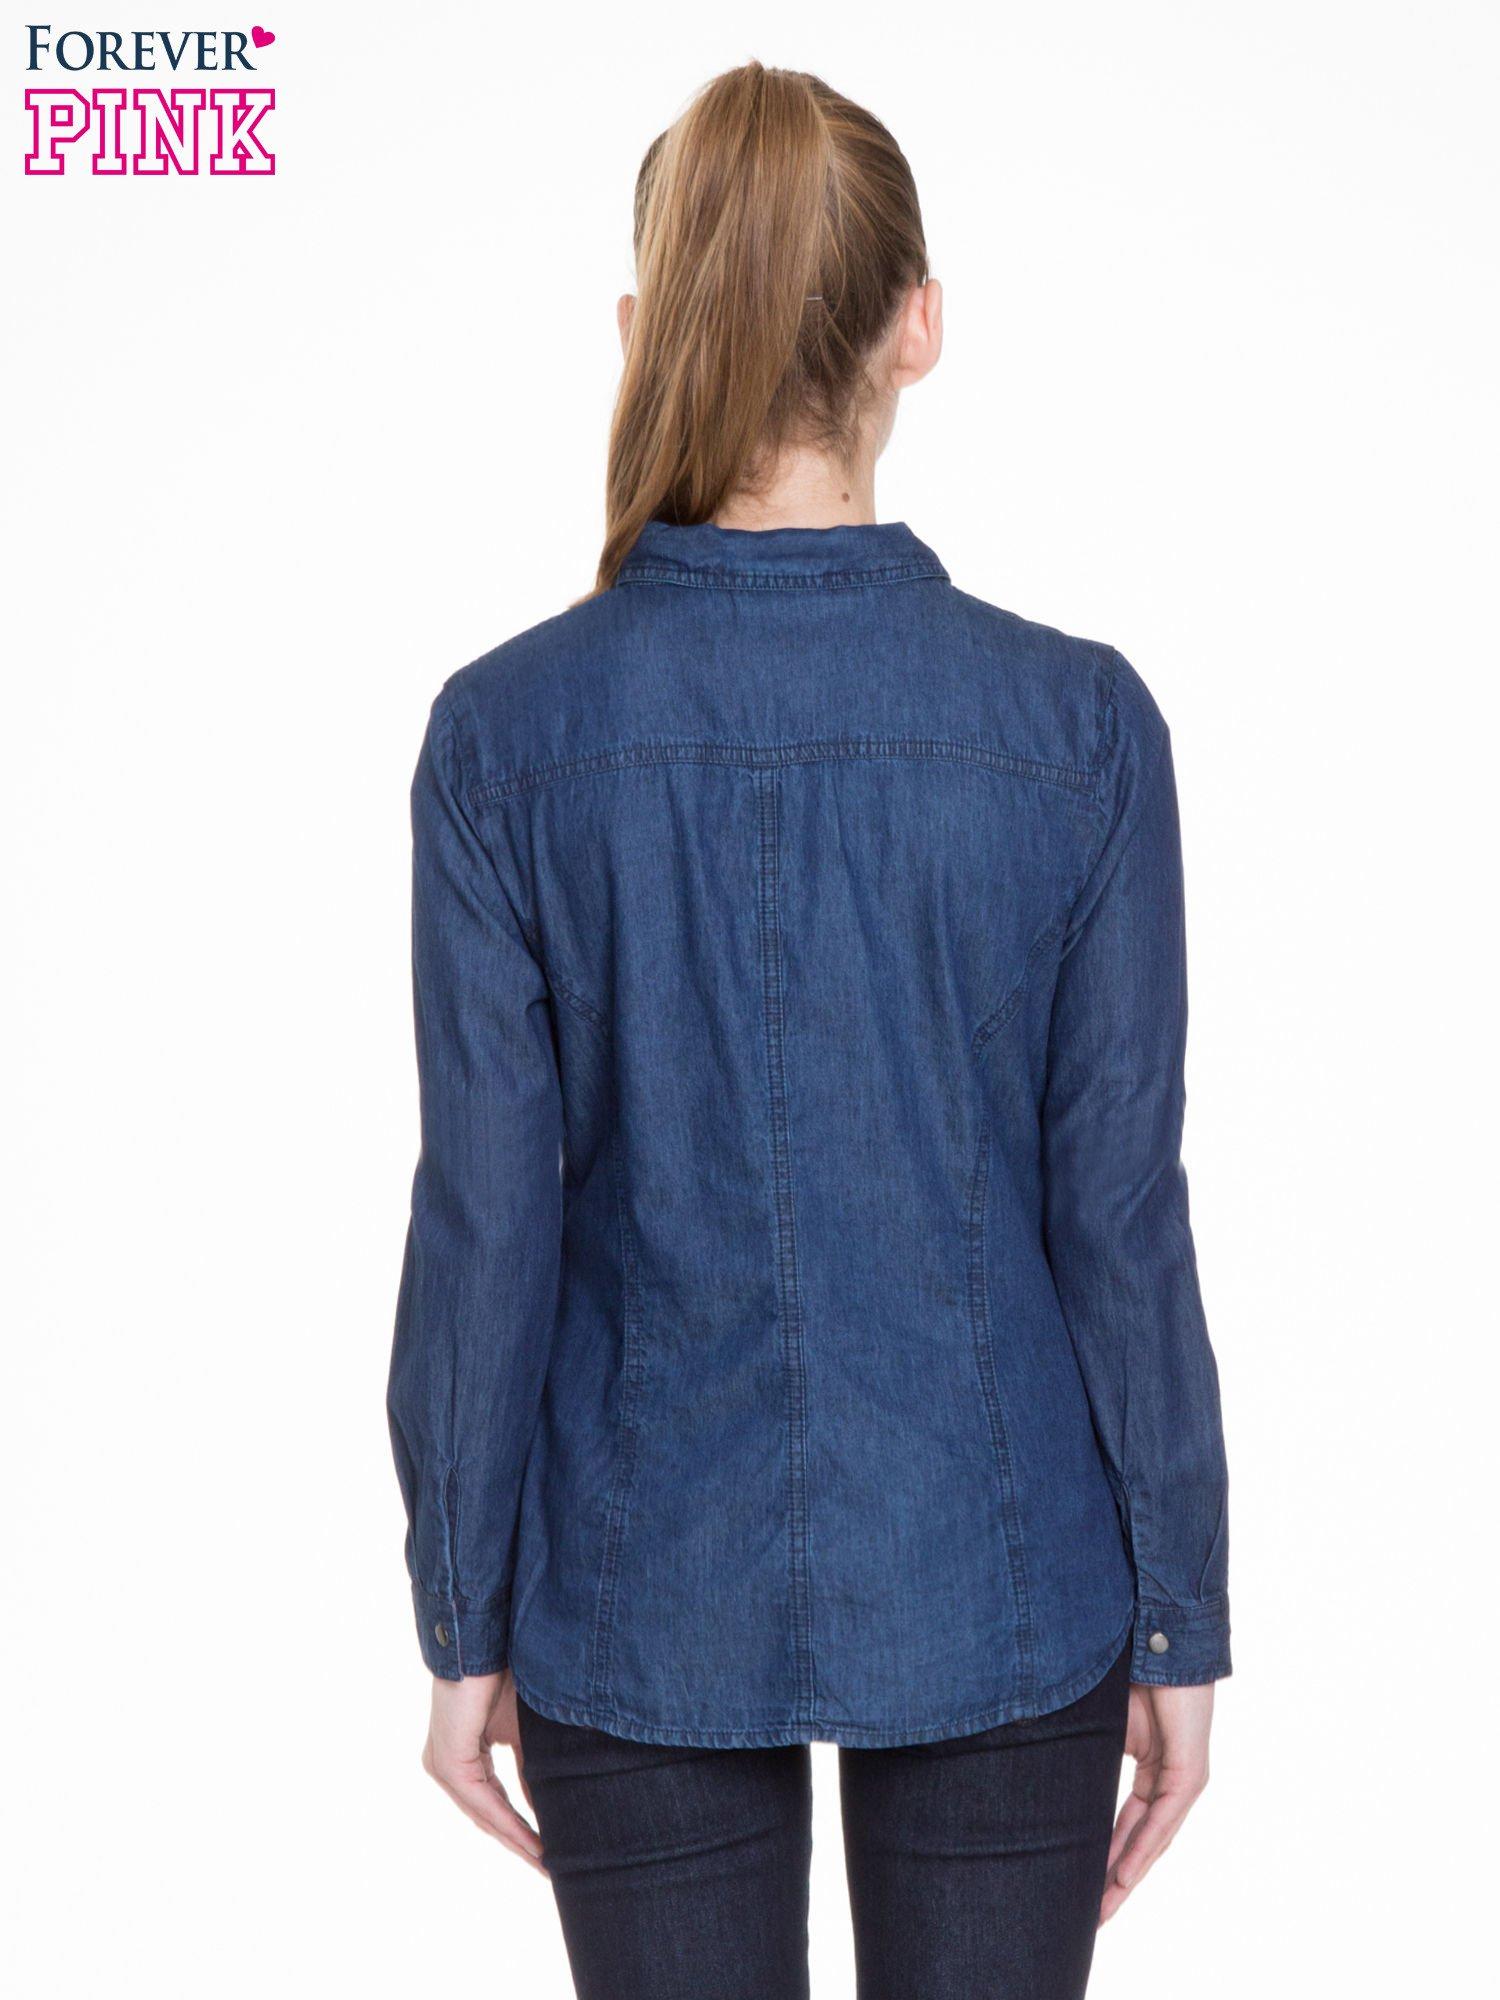 Niebieska koszula jeansowa z kieszeniami na guziki                                  zdj.                                  4